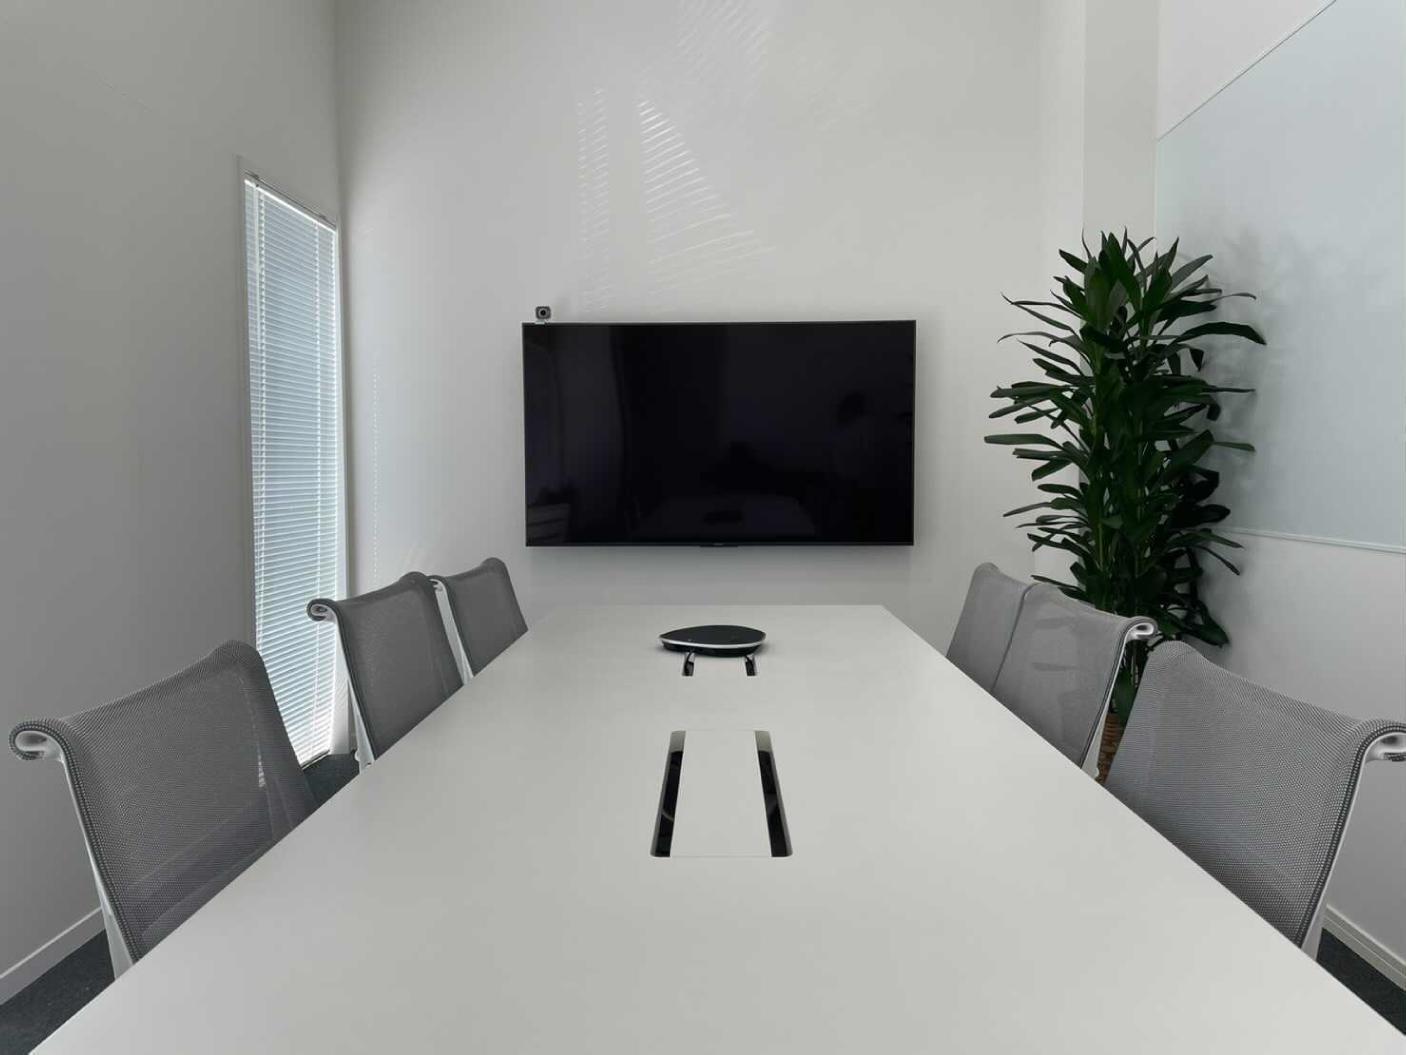 福島県郡山市で株式会社B・OオンラインTV会議システムを利用